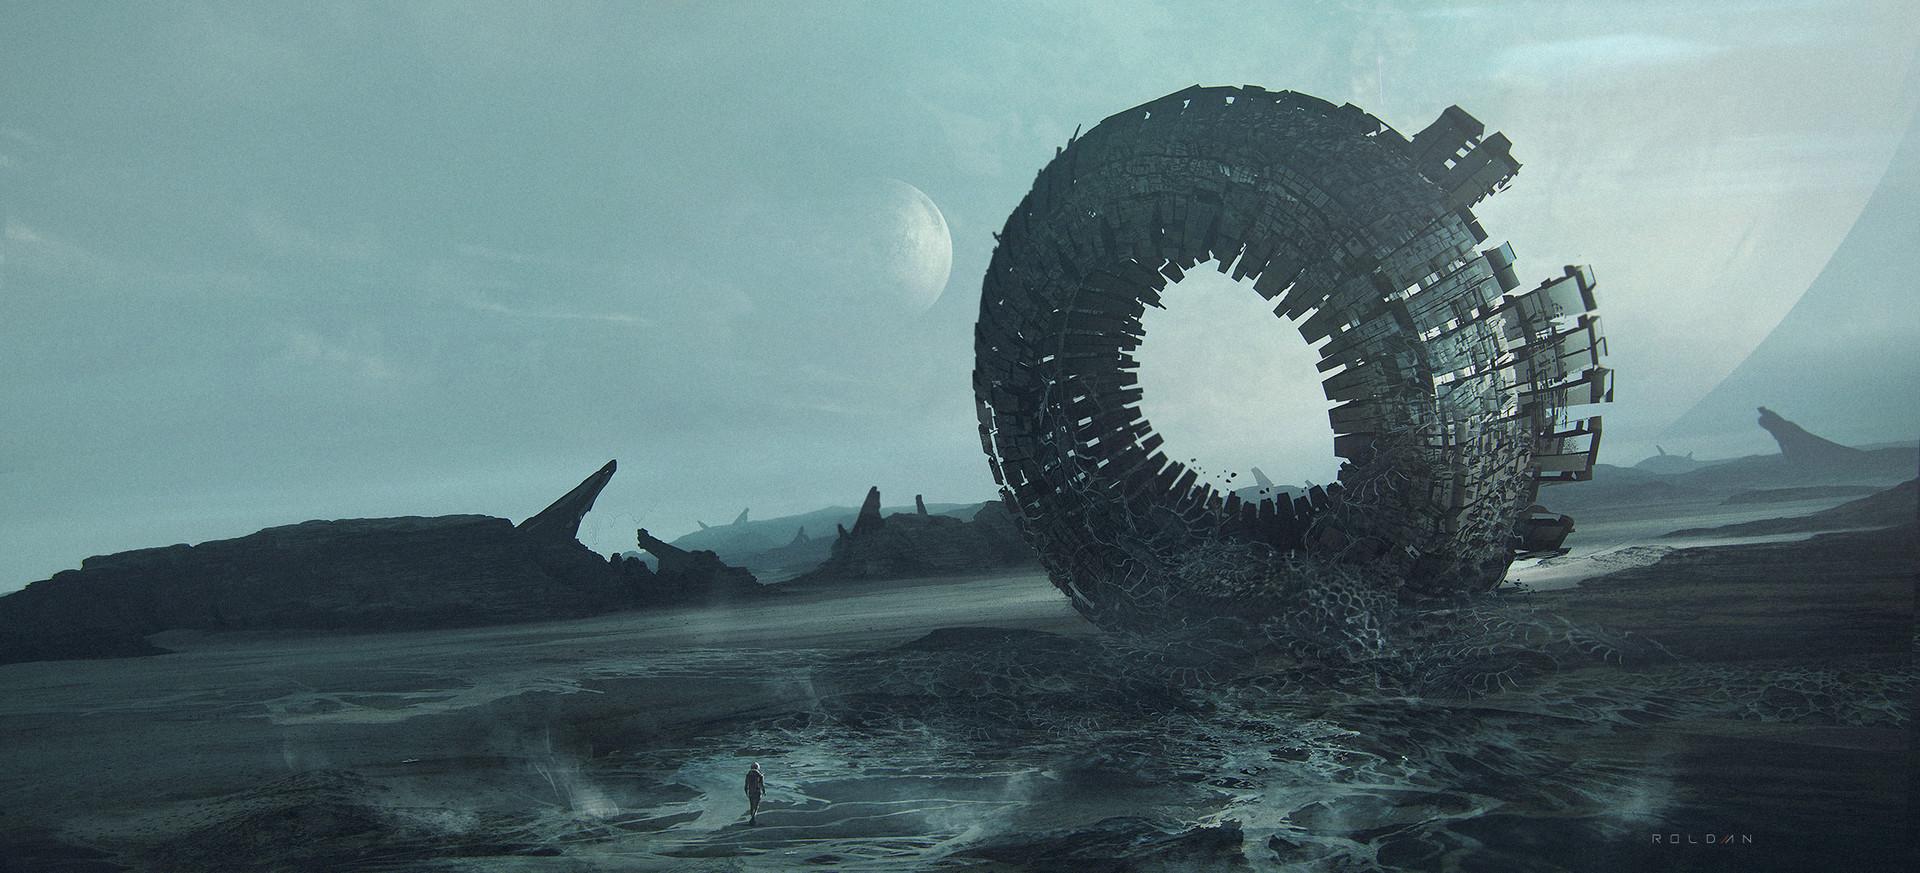 juan-pablo-roldan-alien-world-19.jpg